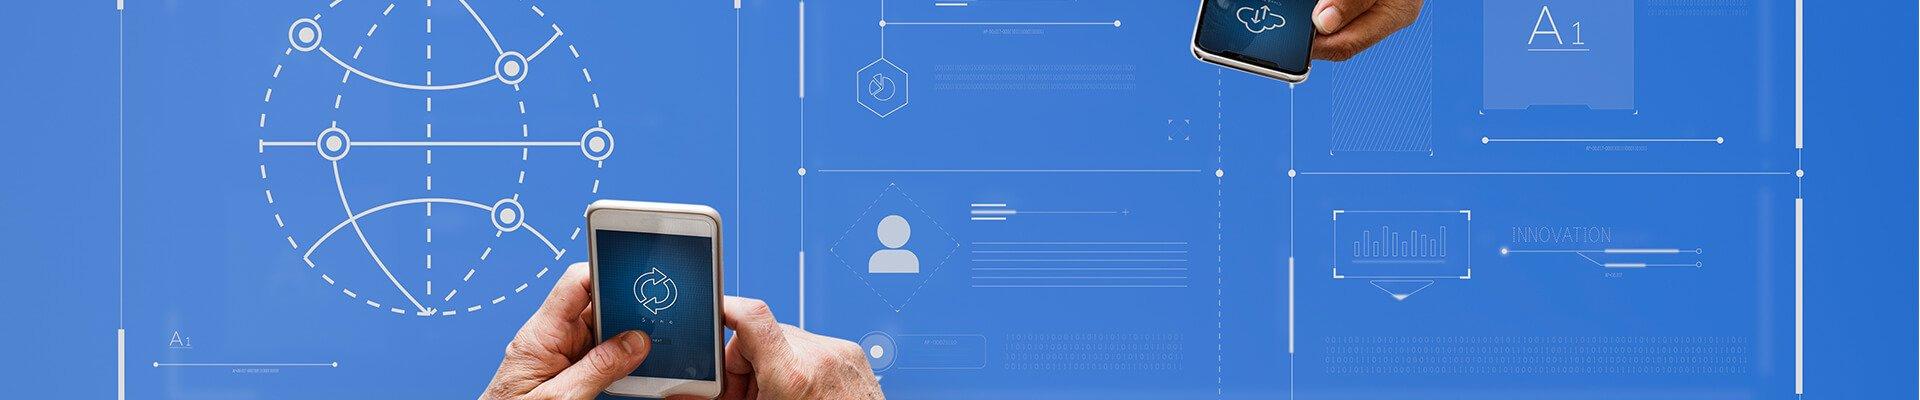 IT Çözümleri ve Projelendirme